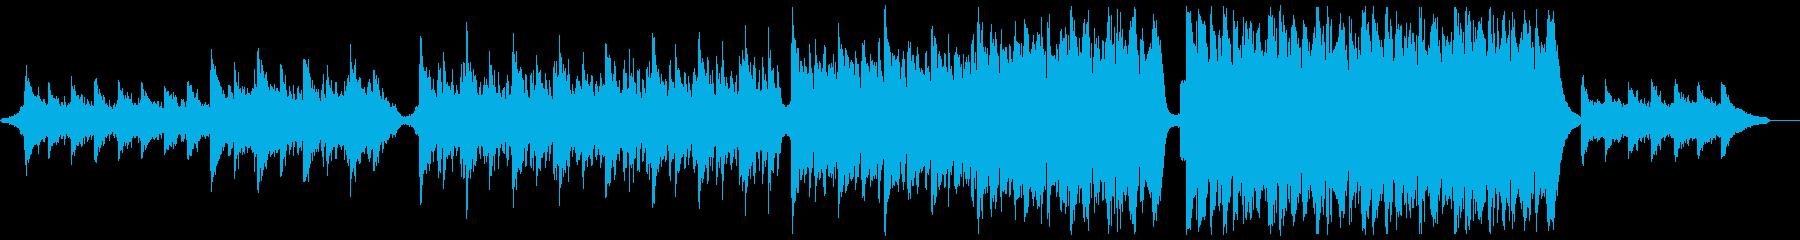 ポジティブポップオーケストラ:FX抜きの再生済みの波形